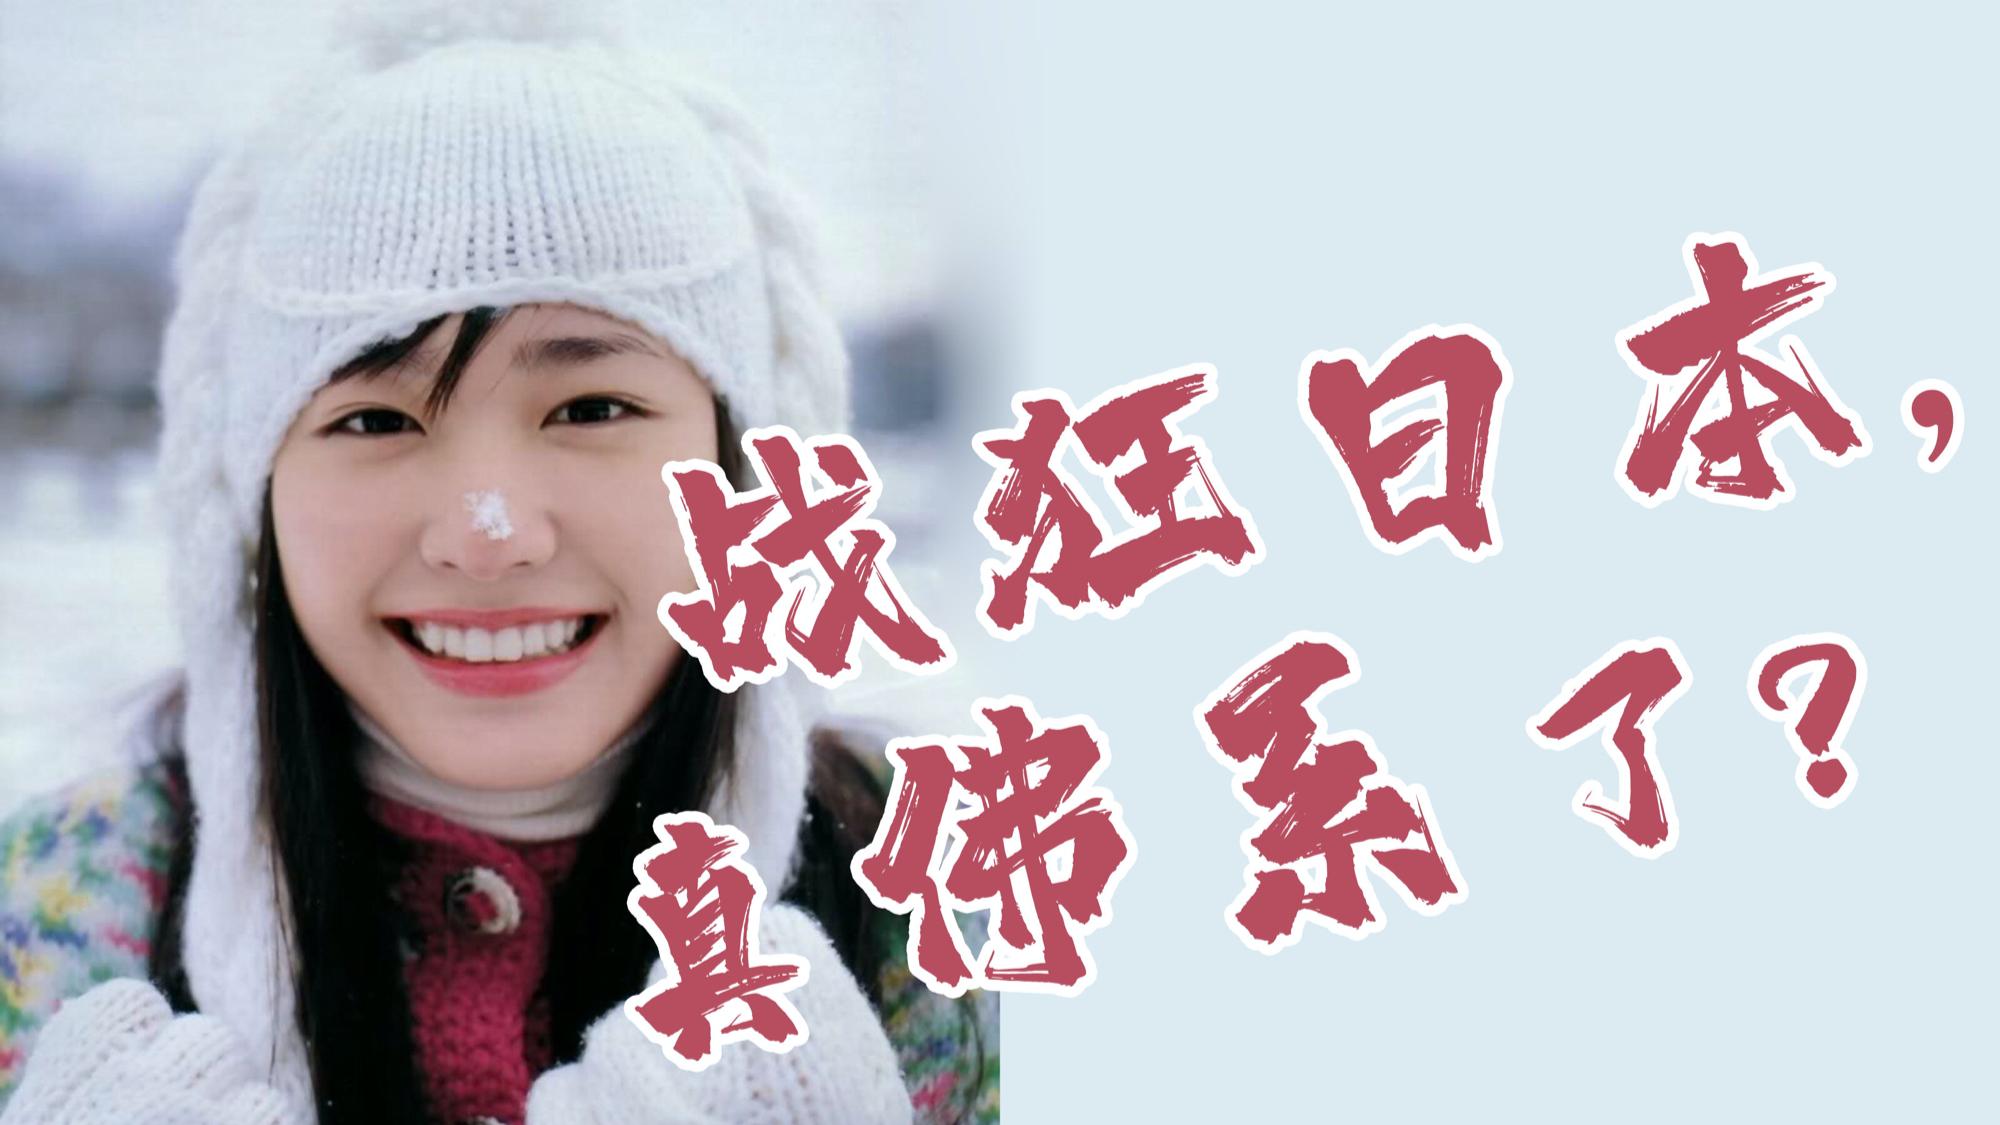 """从""""战狂"""",到""""佛系"""",日本文化突变如何发生?以精神分析法透视日本文化性格"""